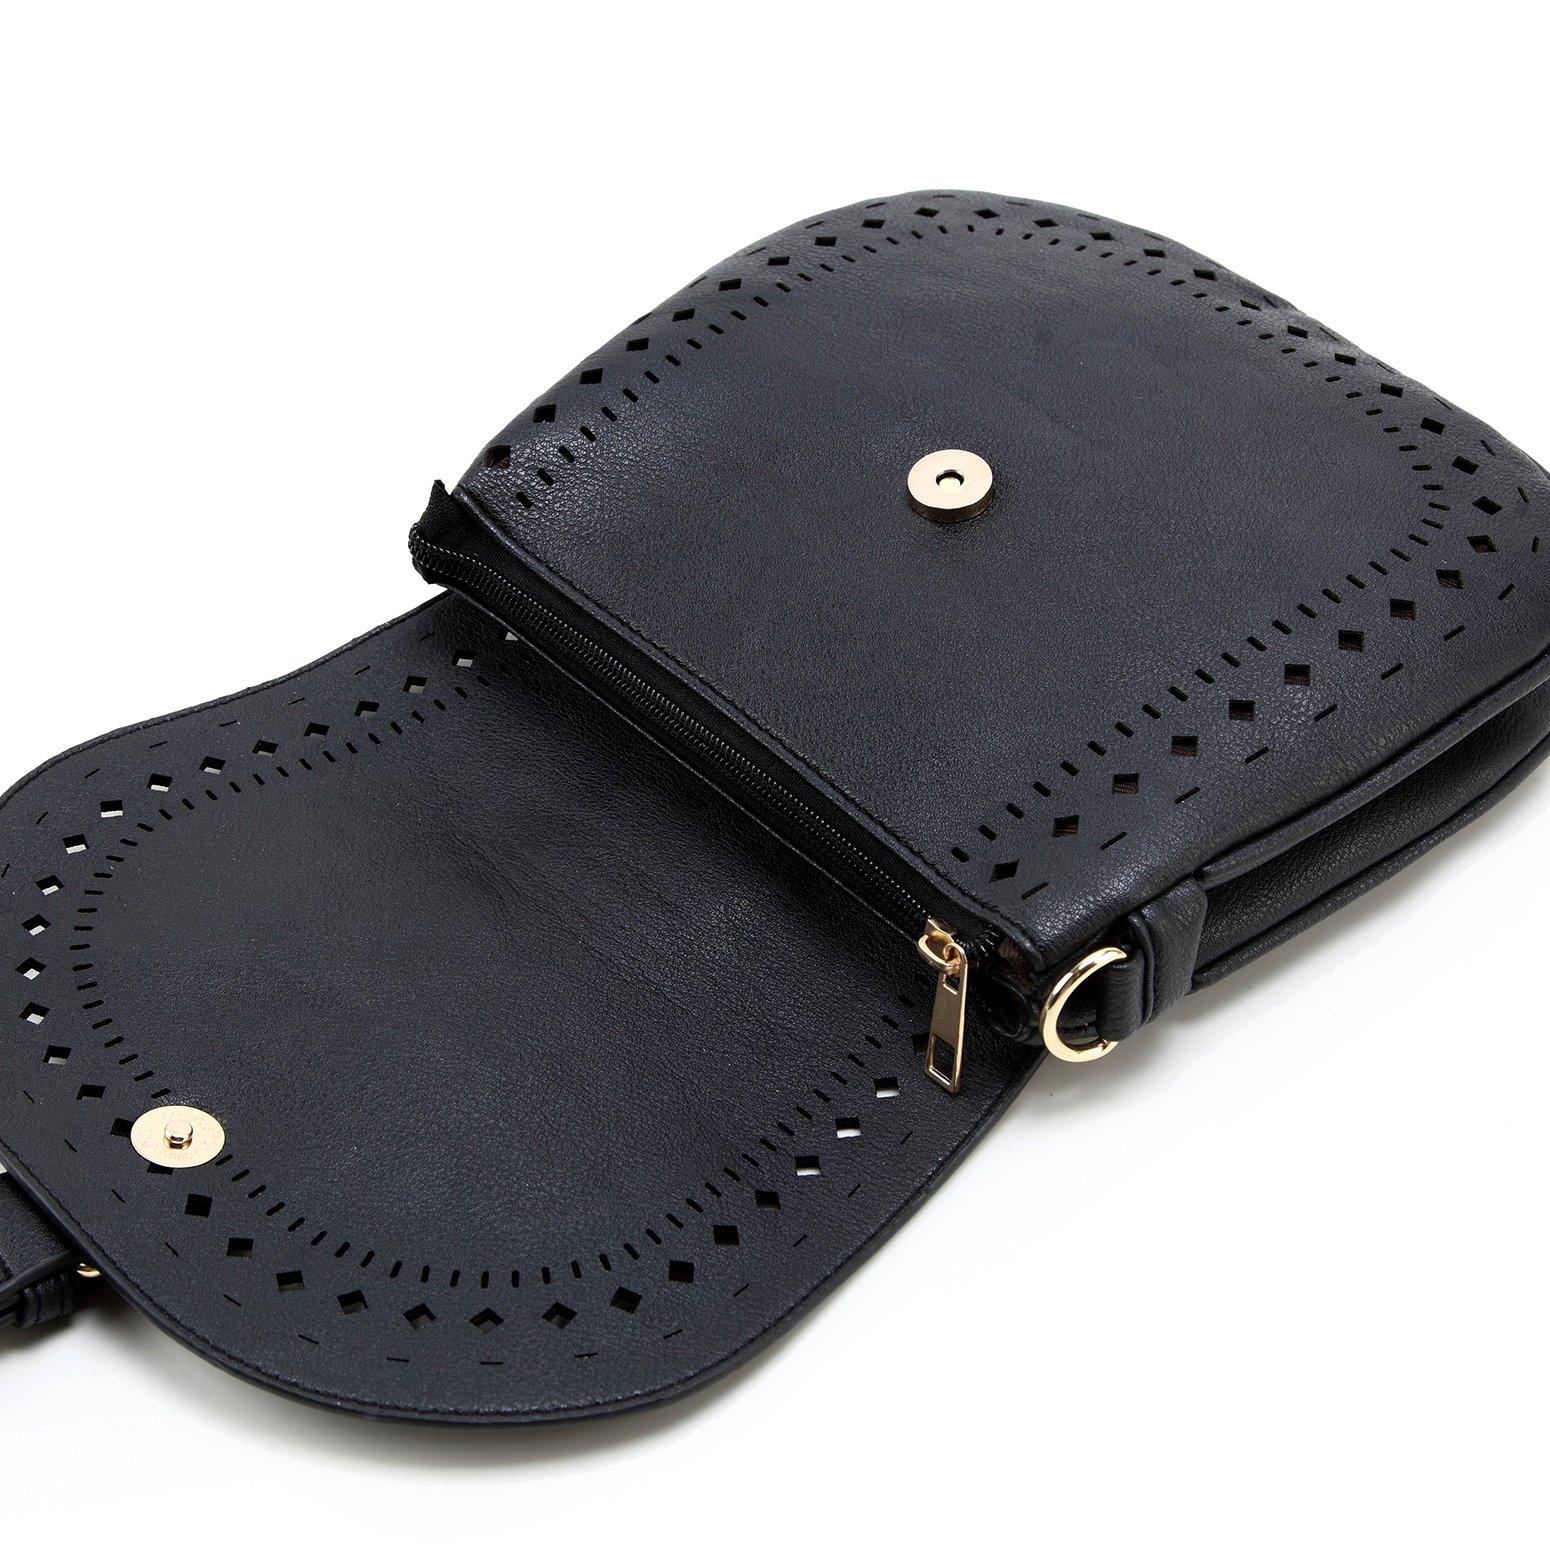 Forestfish Ladie's PU Leather Vintage Hollow Bag Crossbdy Bag Shoulder Bag (Black) by Forestfish (Image #6)